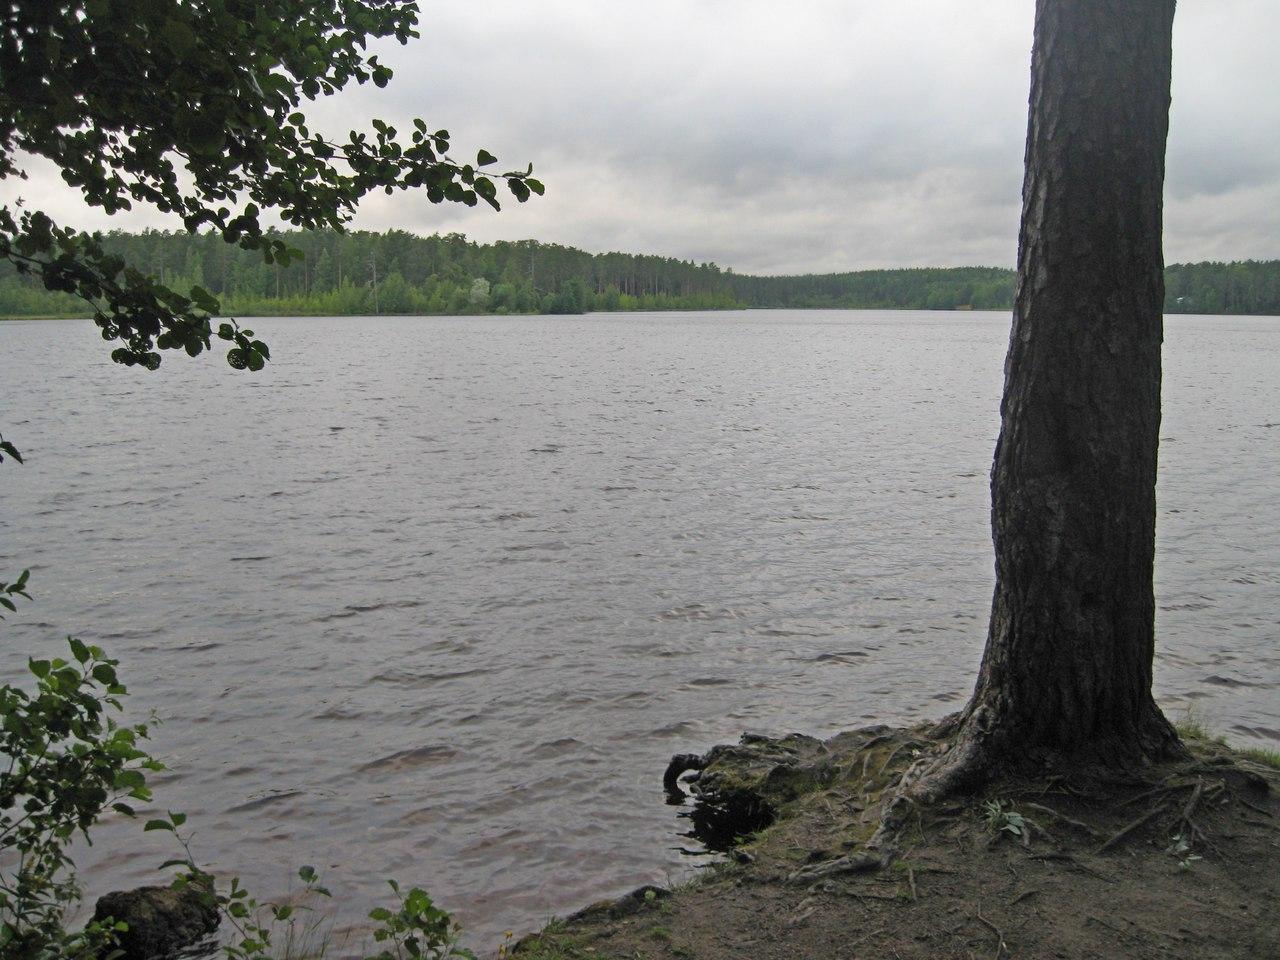 щучье озеро комарово рыбалка может быть первое